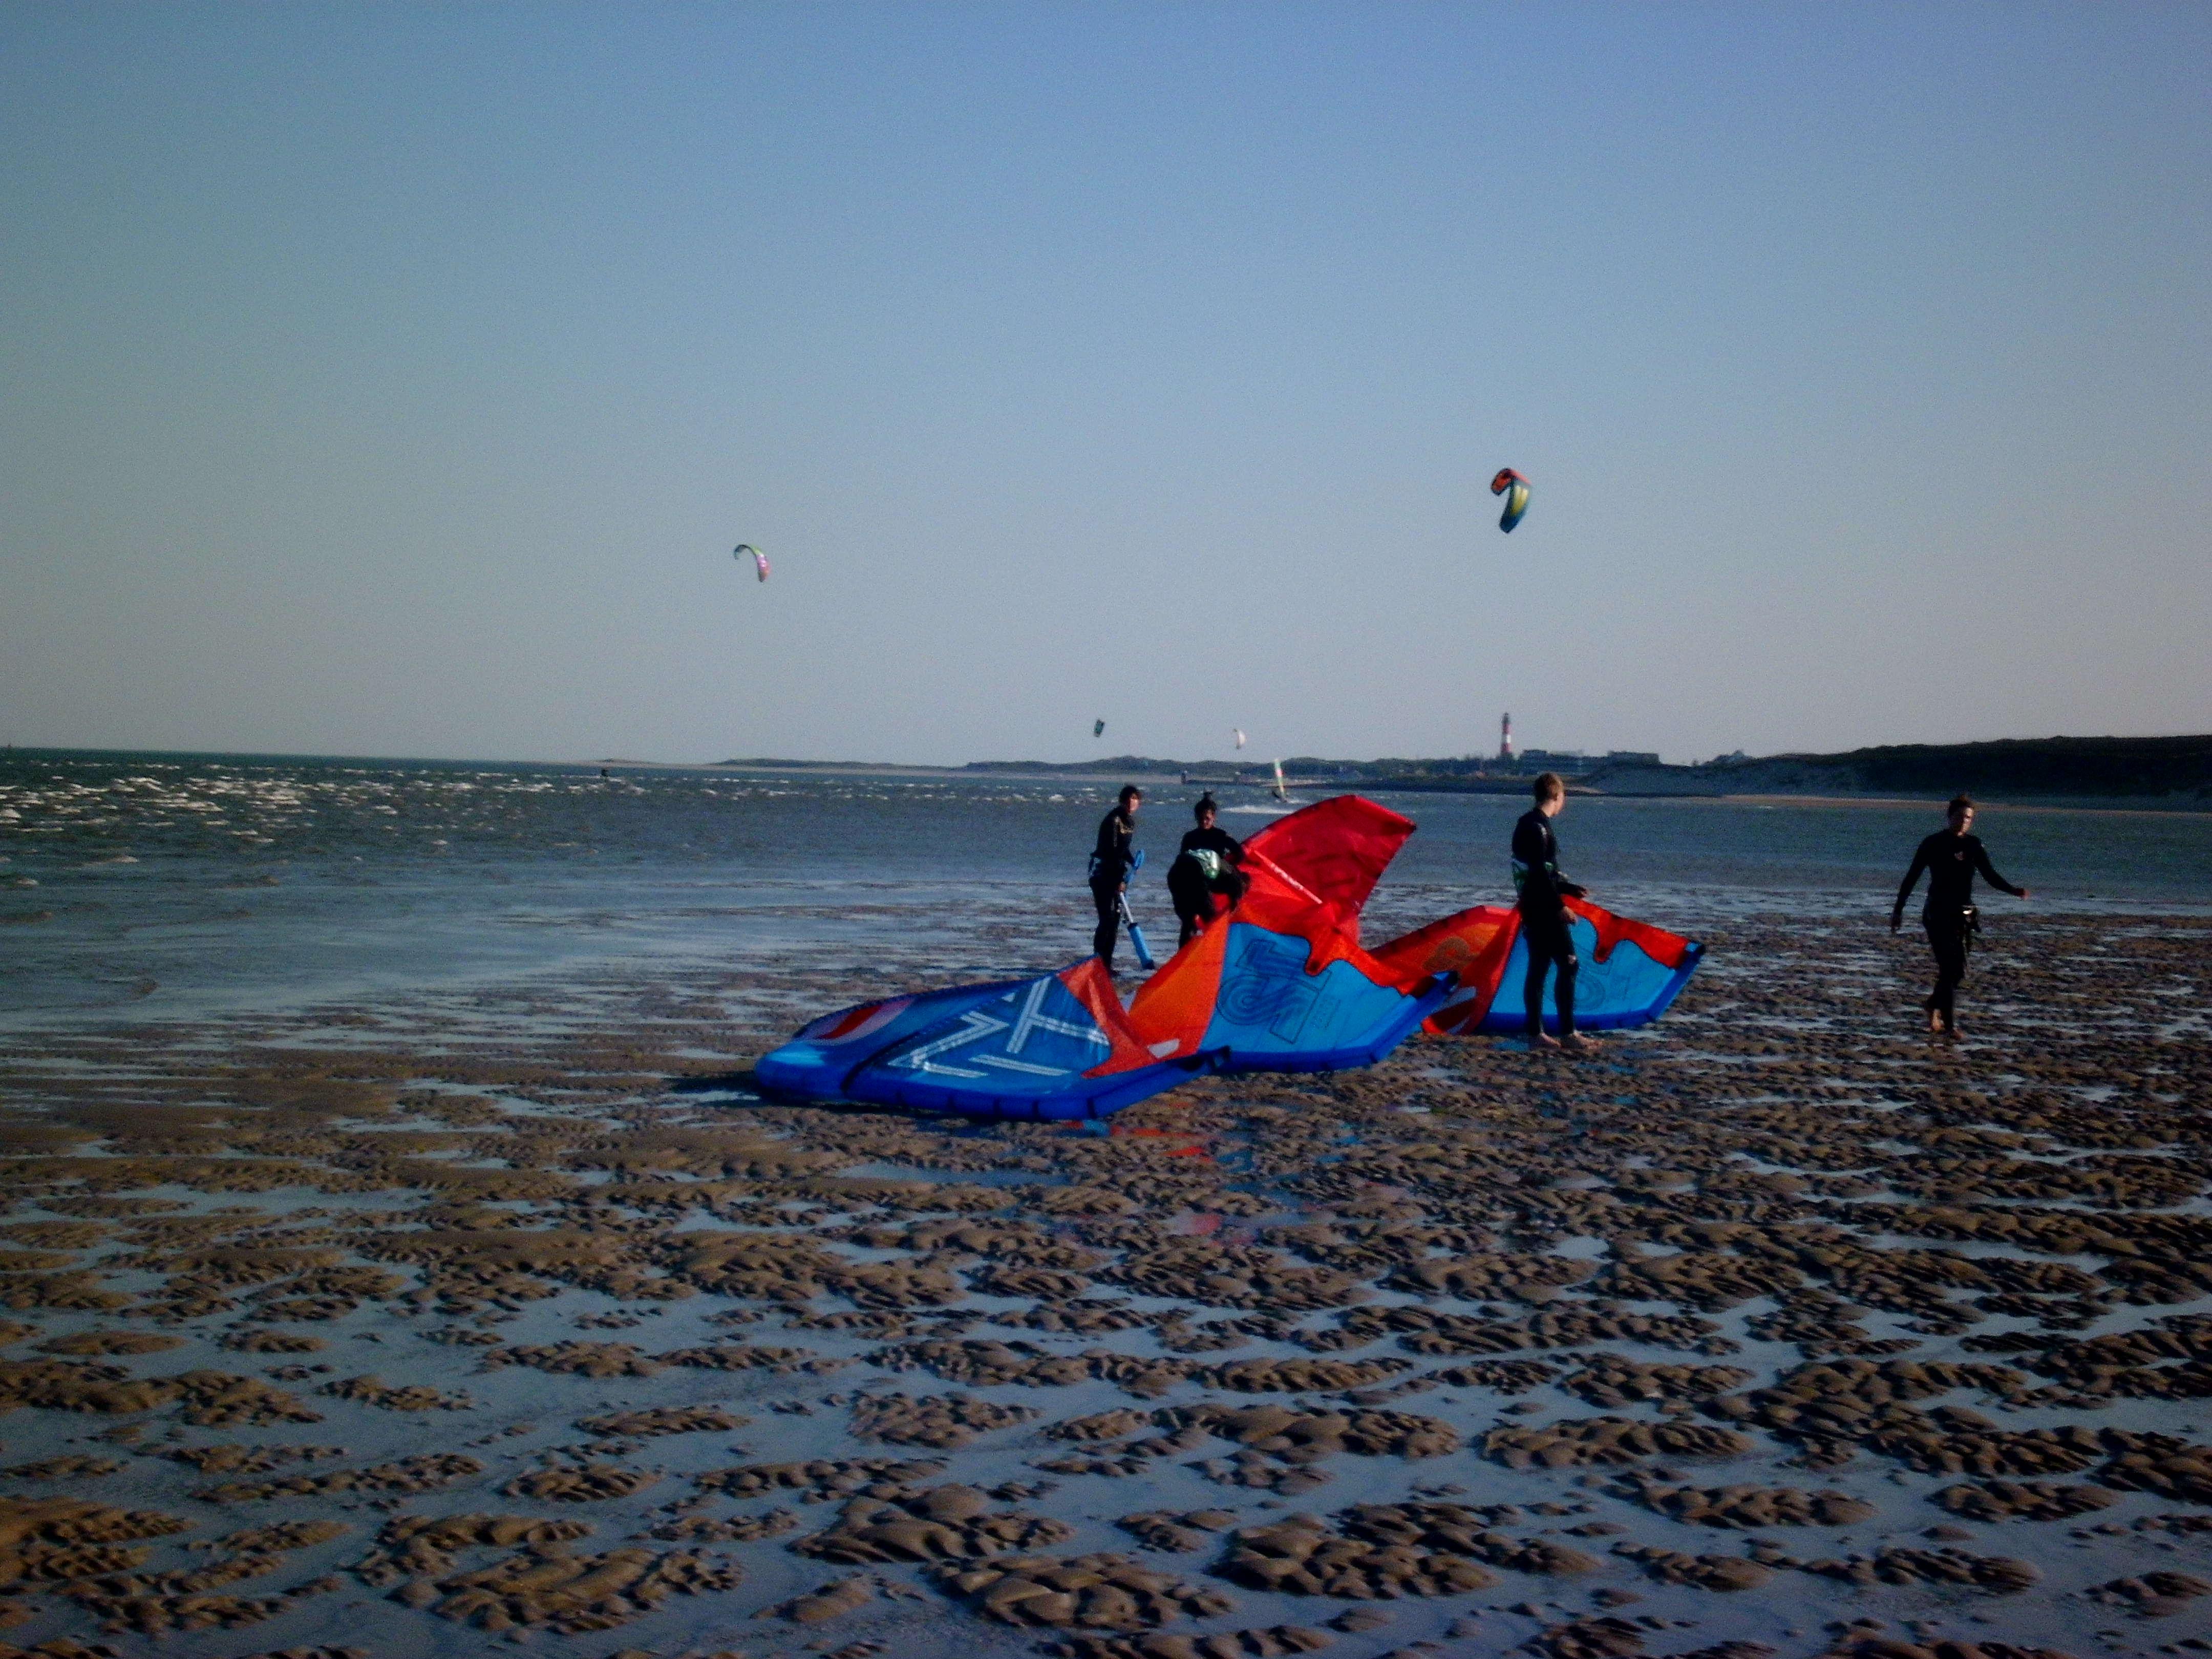 Sylt Stehrevier | Kiten lernen auf Sylt Kiteschule Suedkap Surfing